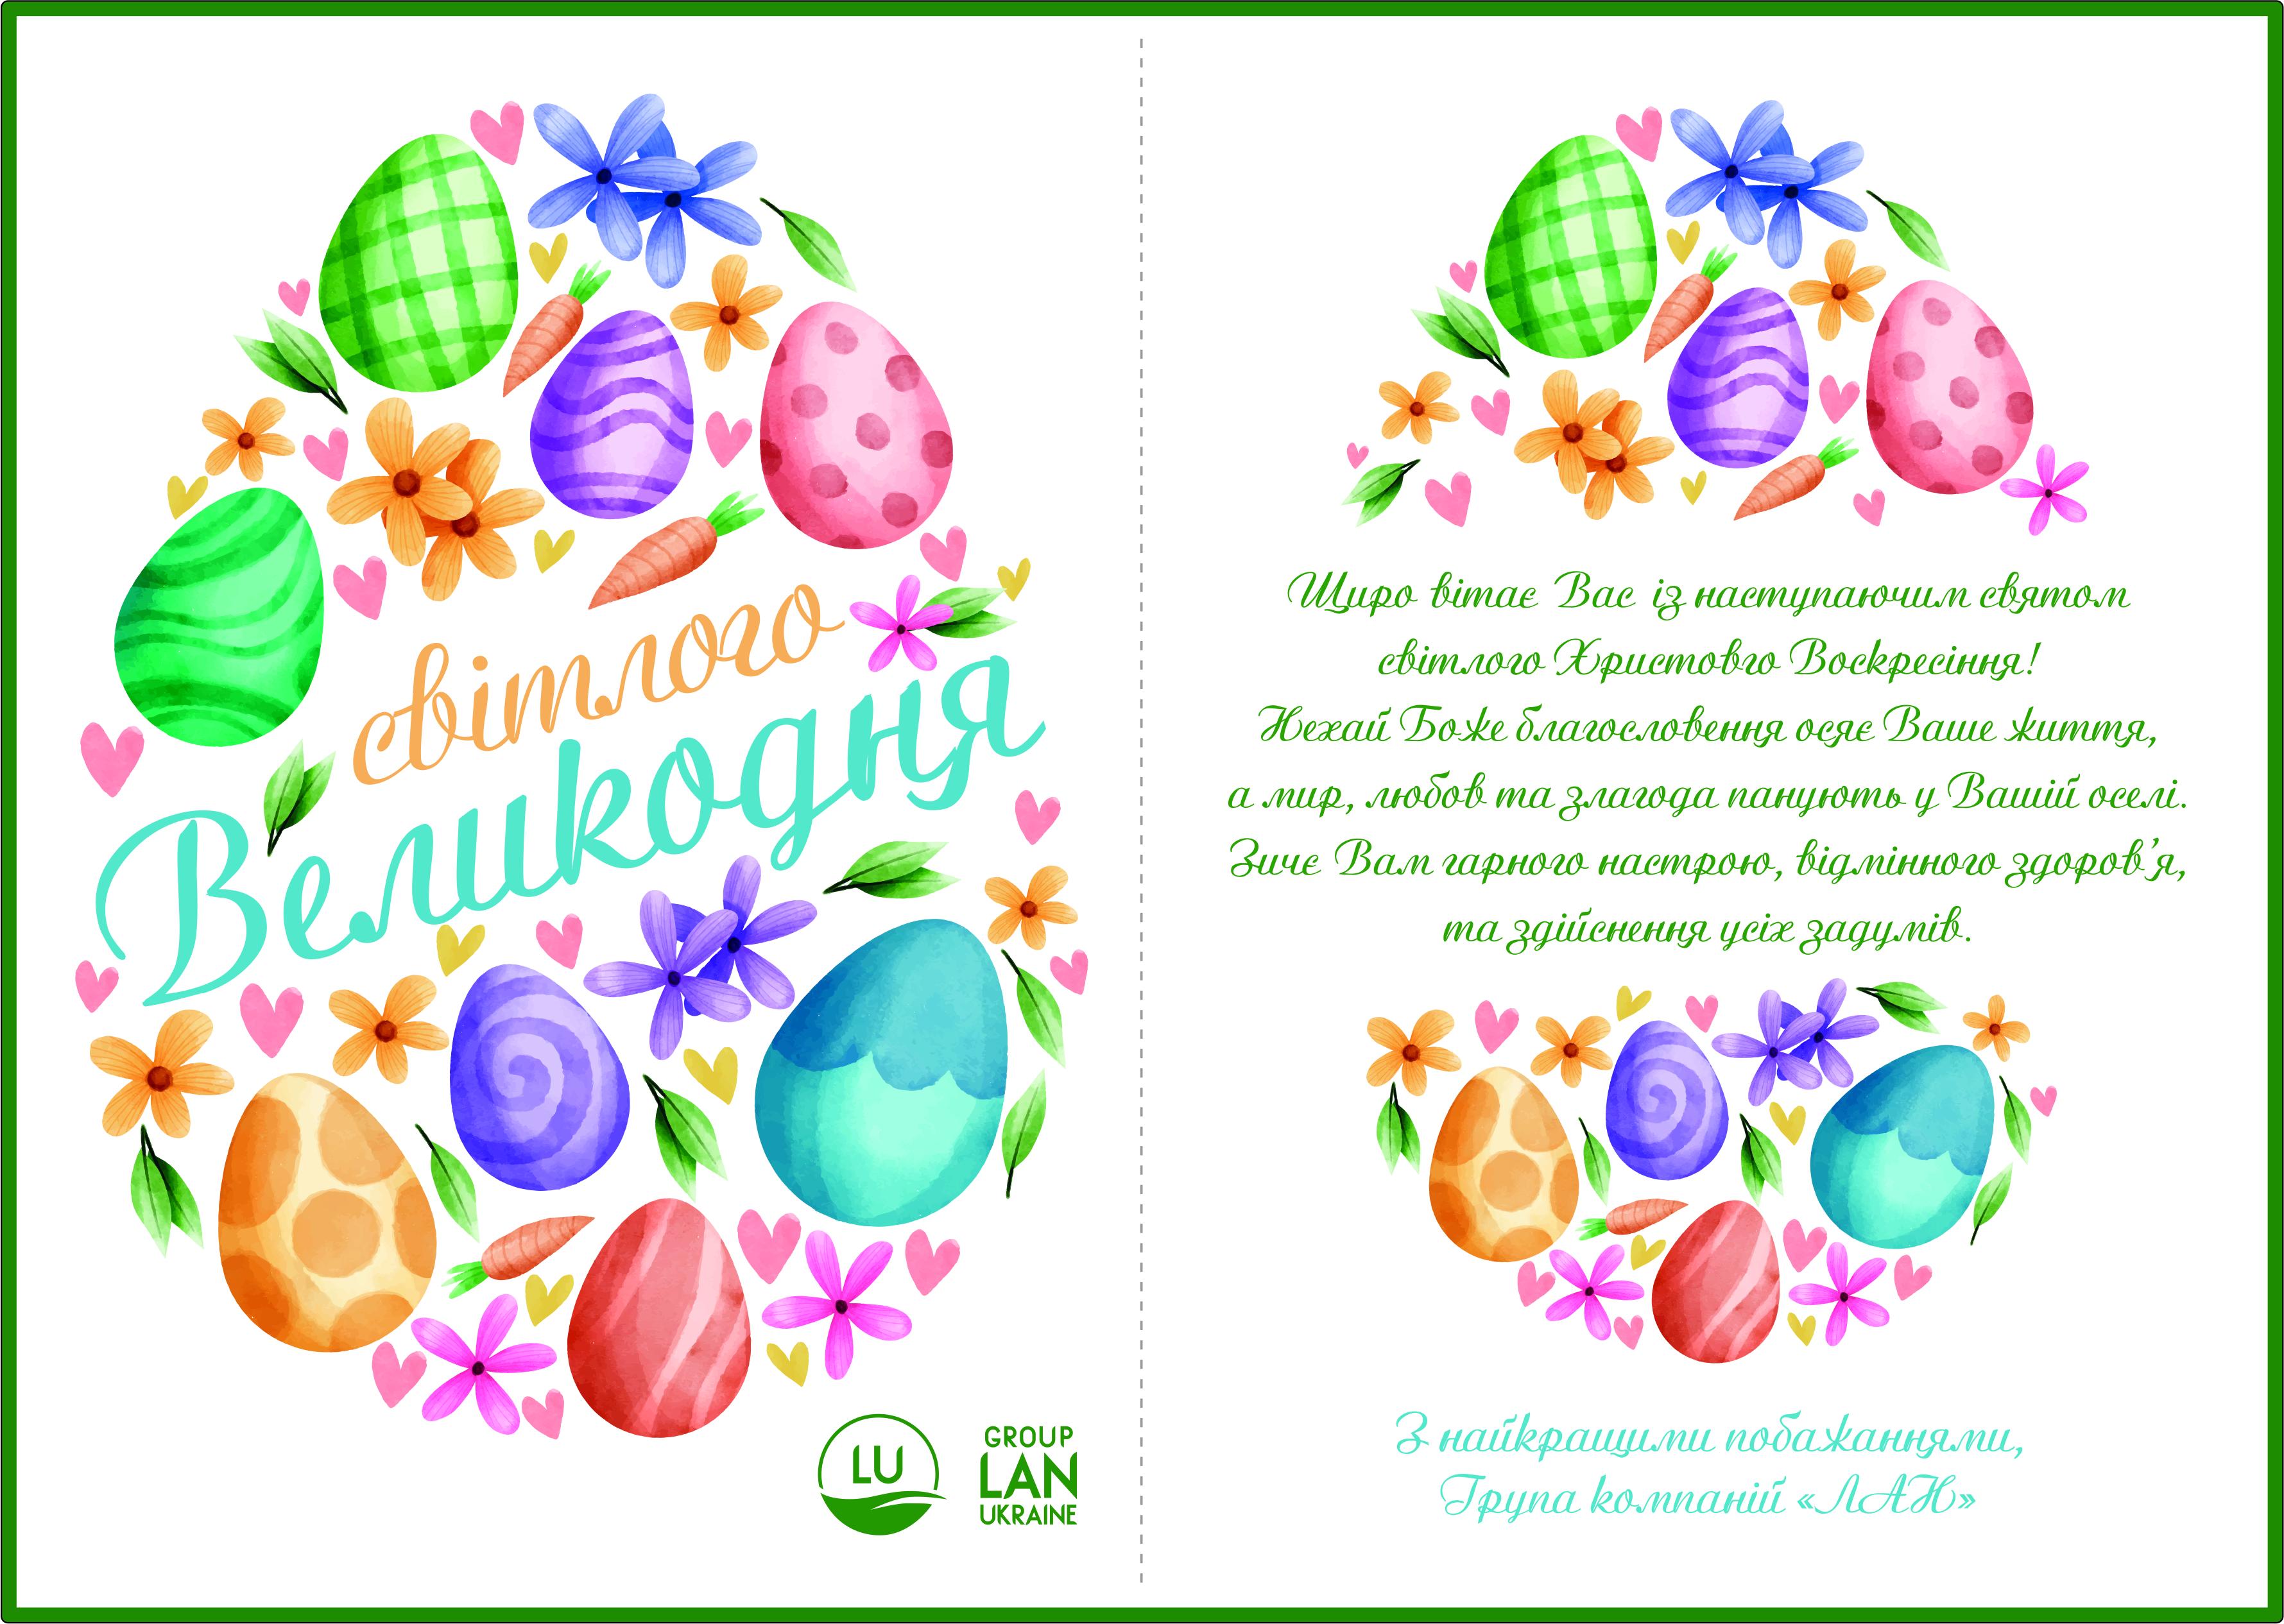 Easter_LAN_group21.jpg